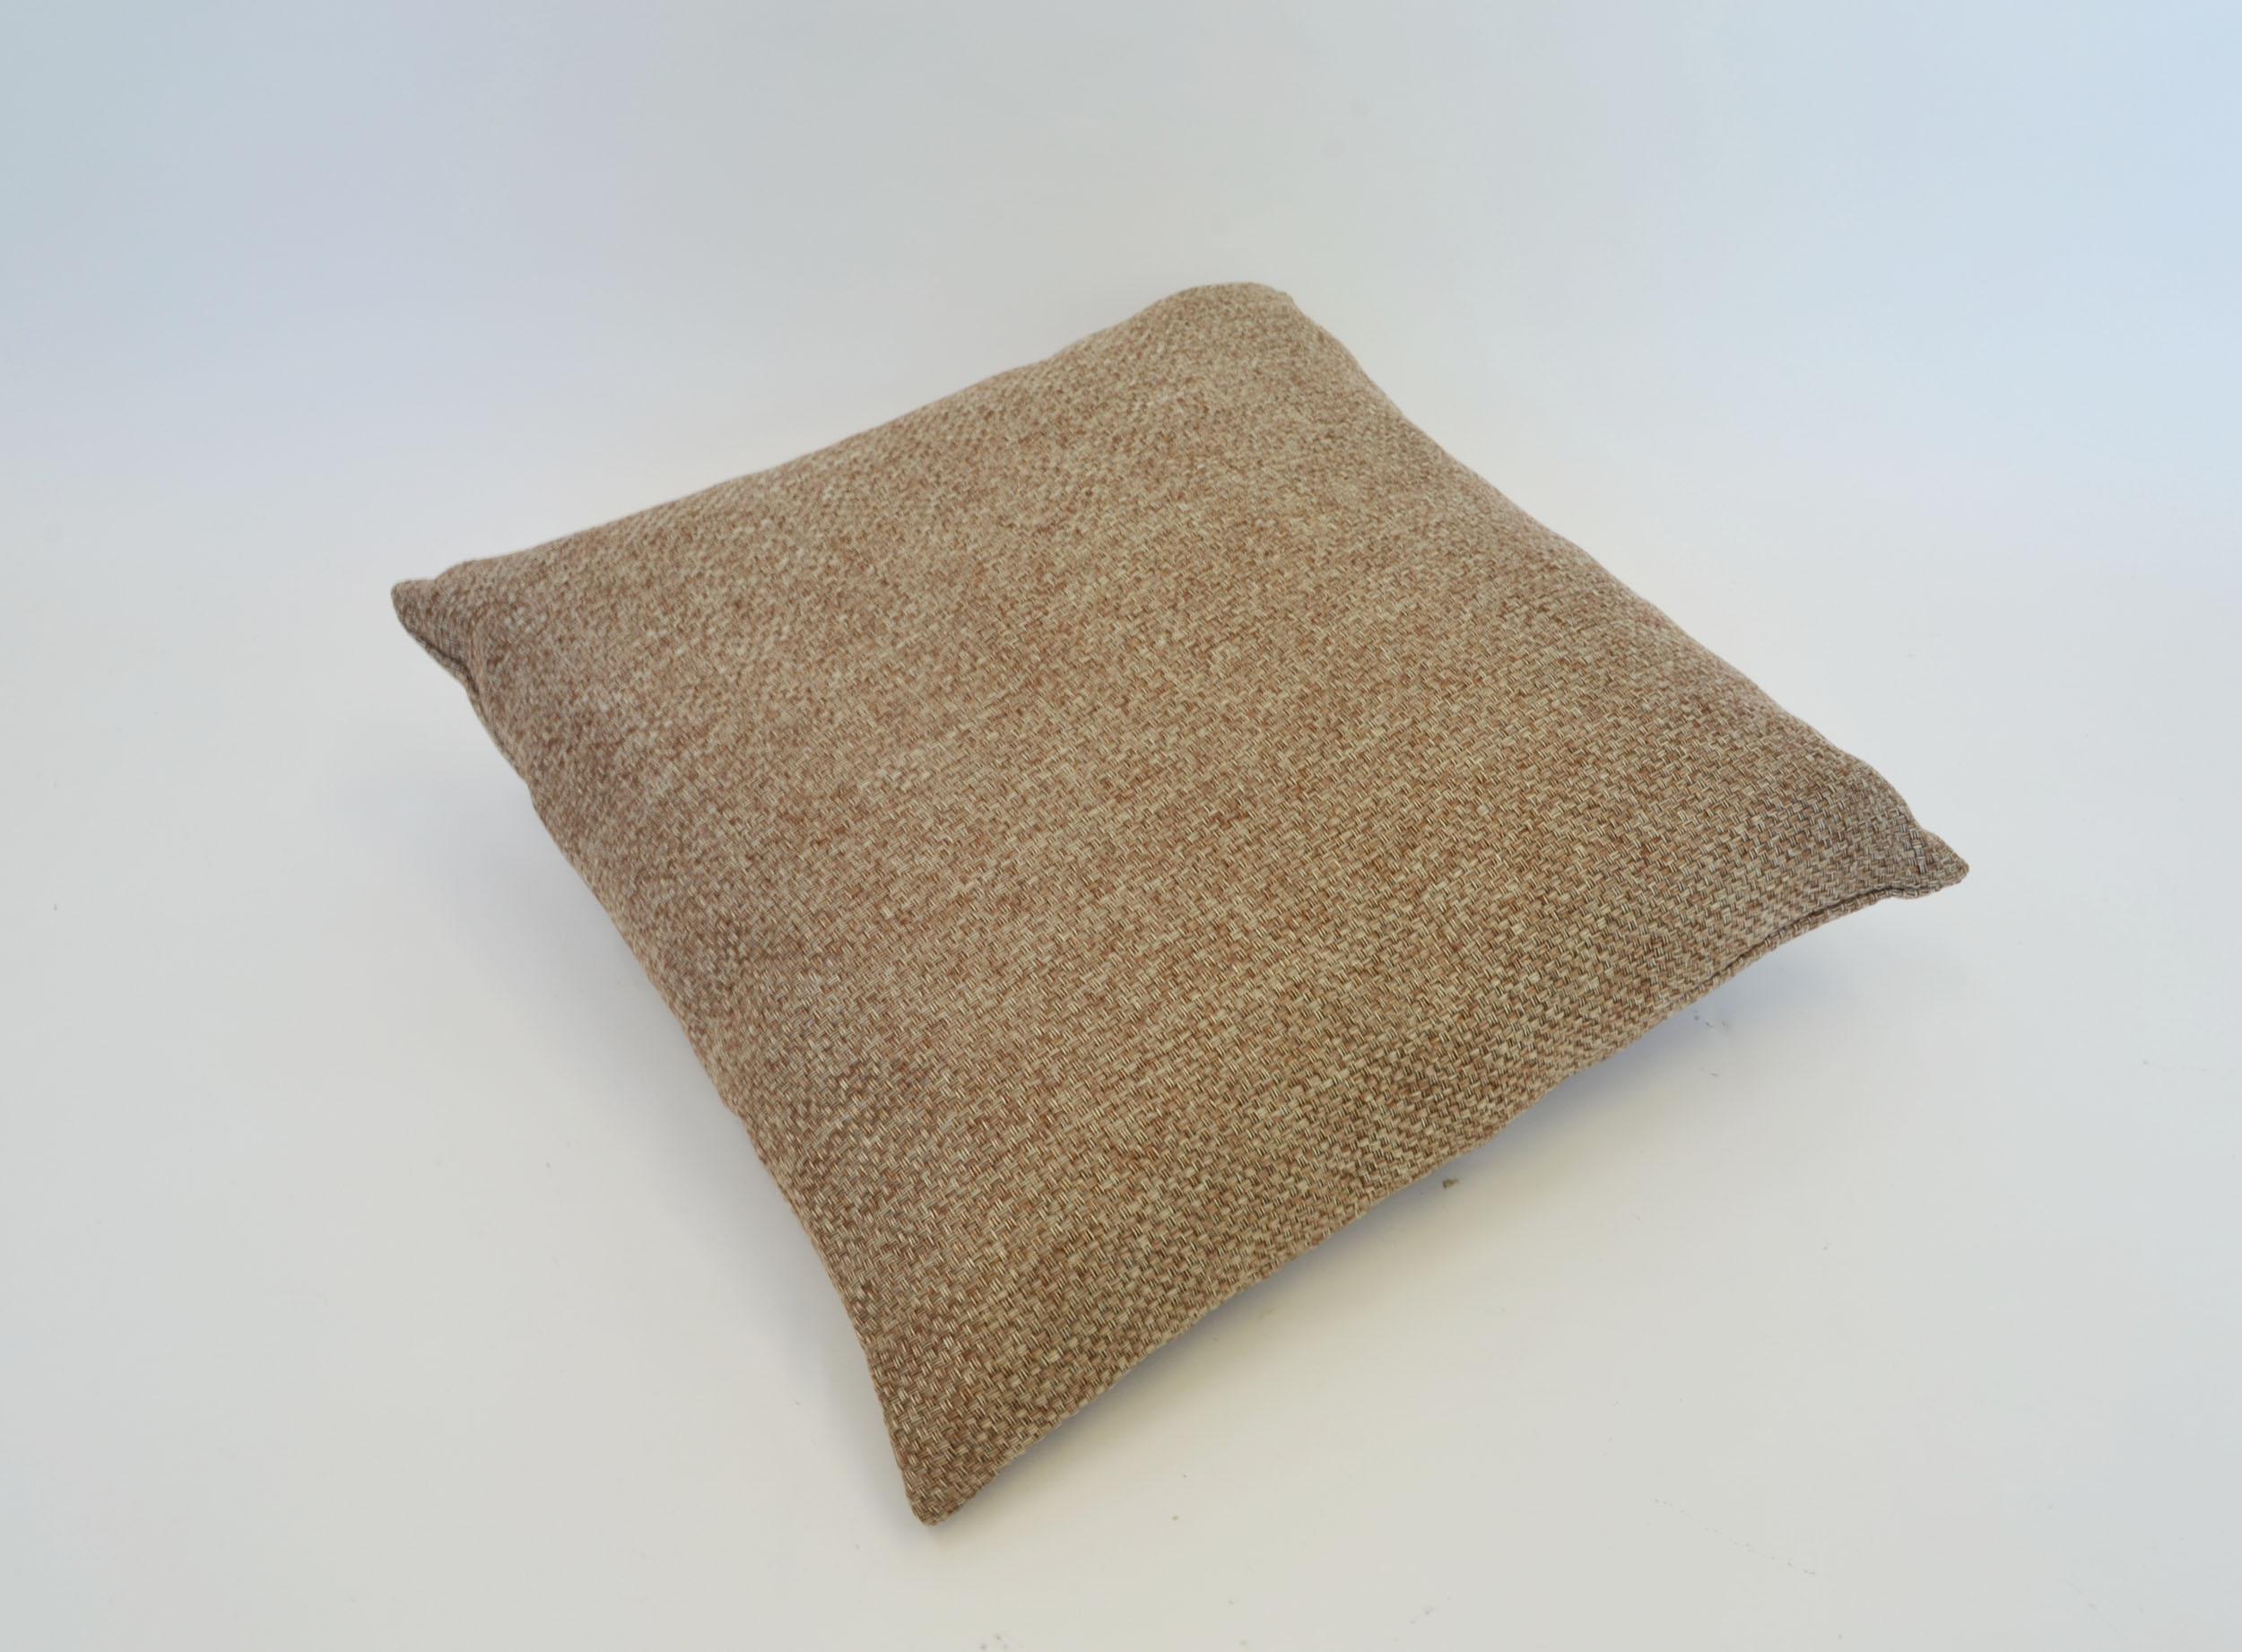 burlap pillow   Quantity: 1  Price: $10.00